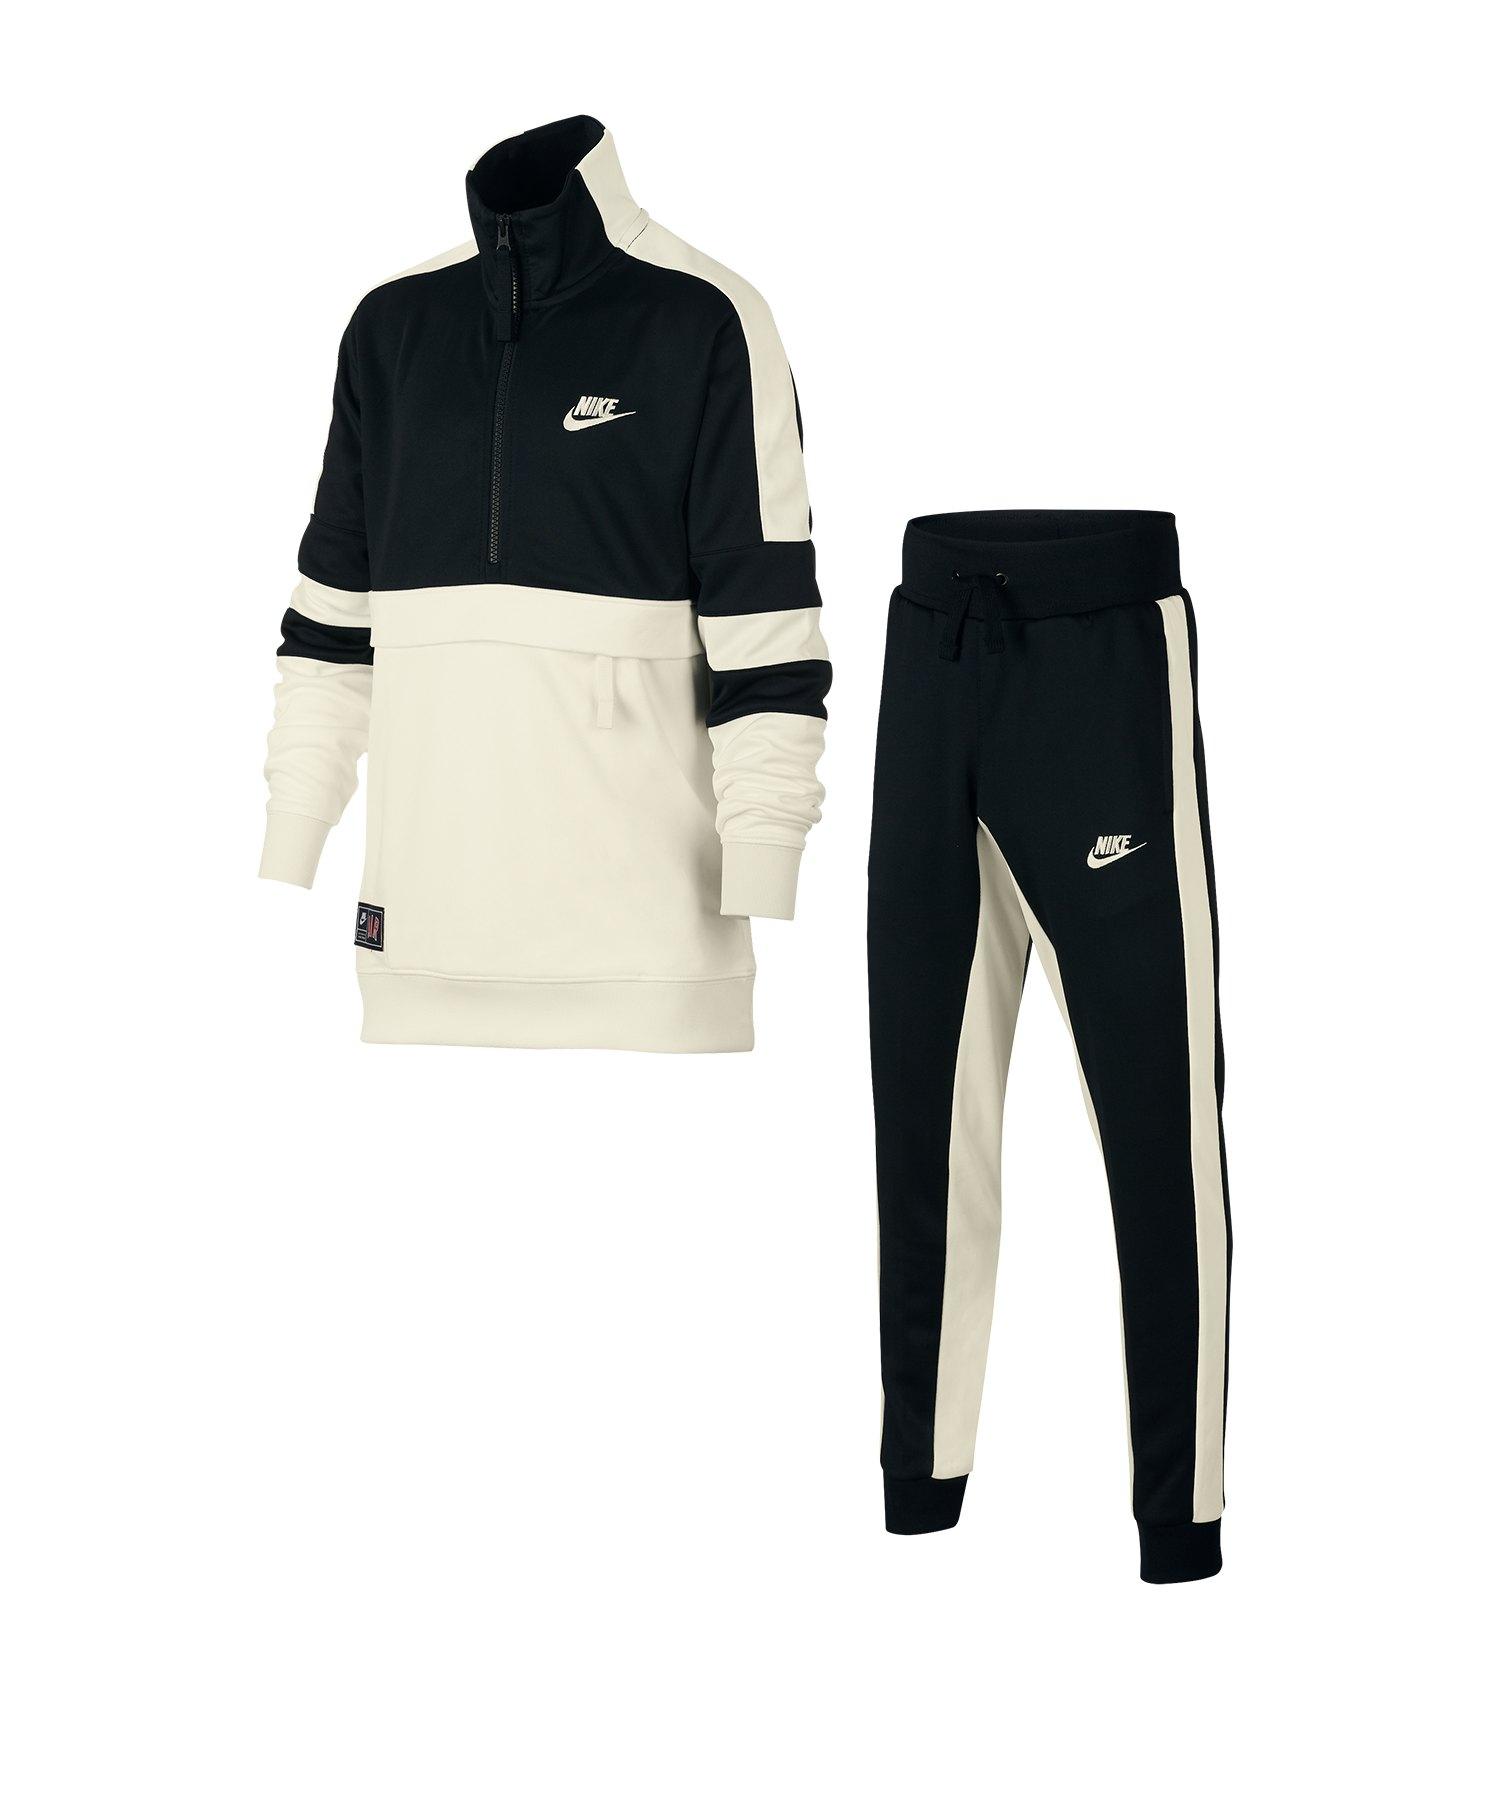 Spielraum autorisierte Website schönes Design Nike Air Track Suit Anzug Kids Schwarz F010